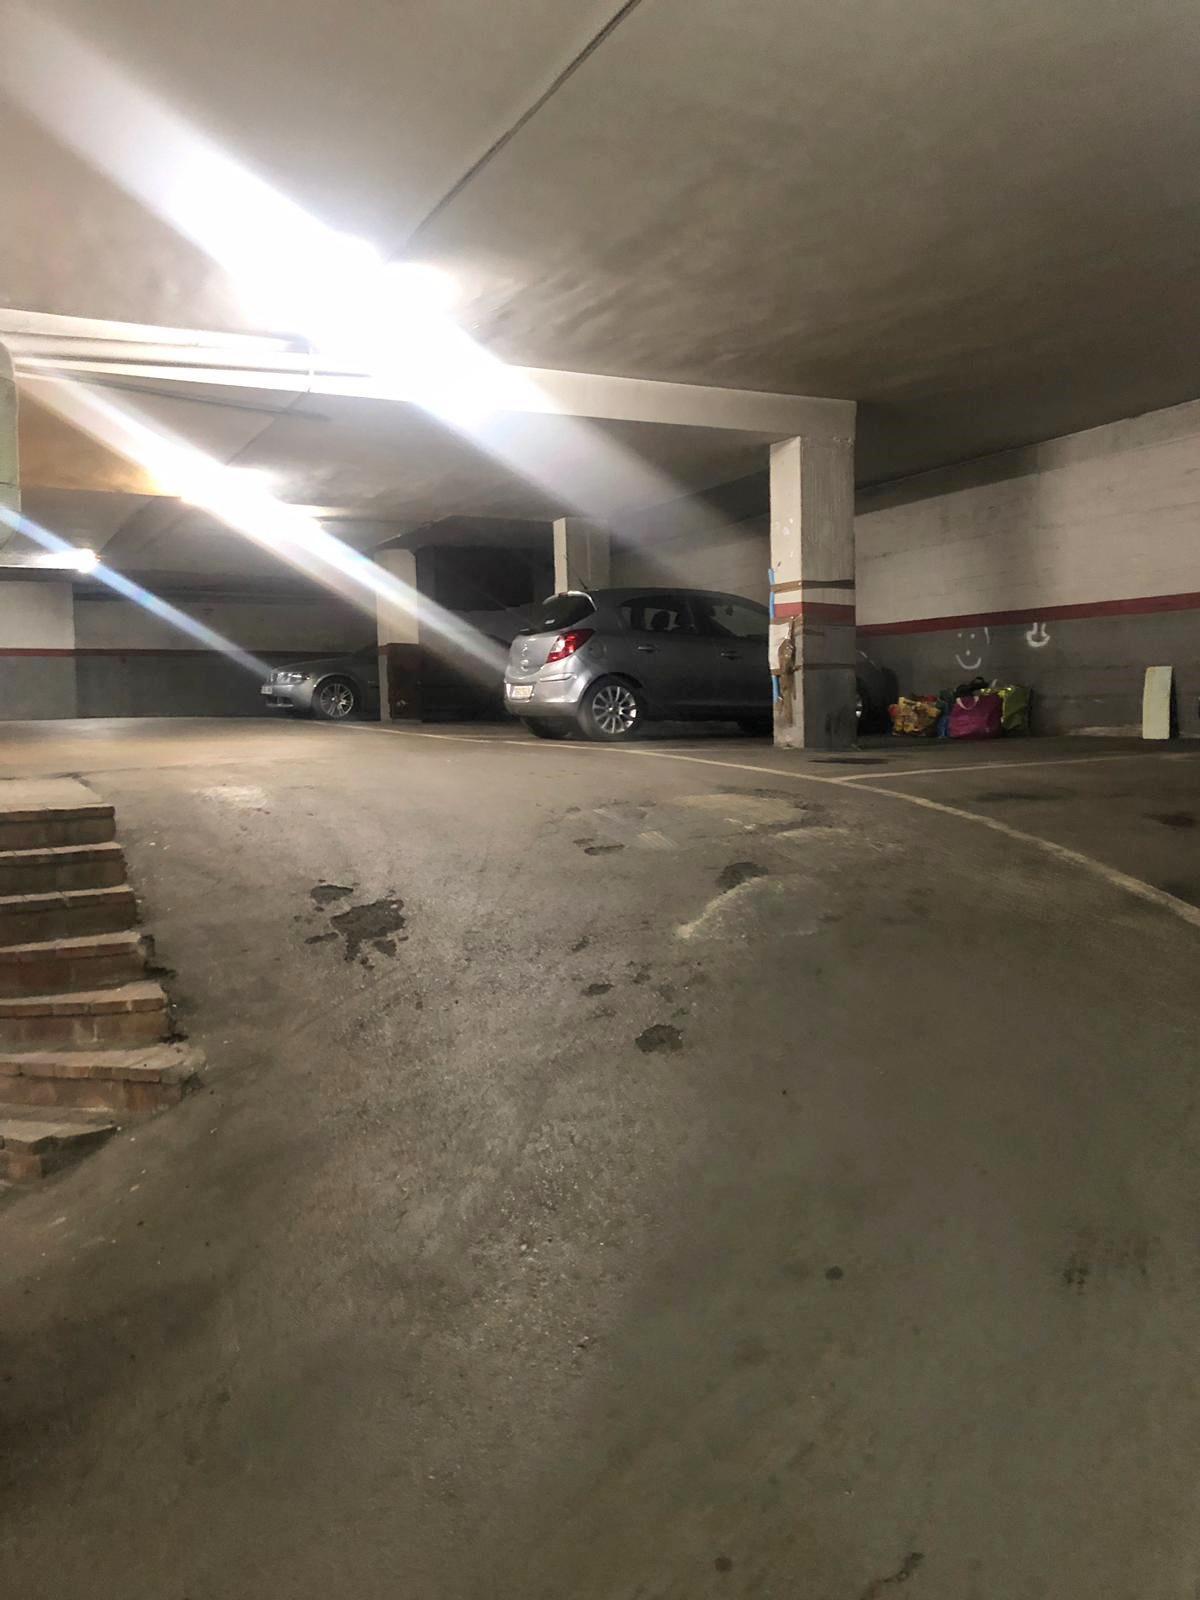 Imagen 3 Parking Coche en alquiler en Mollet Del Vallès / Parking en Jaume I, zona centro de Mollet.